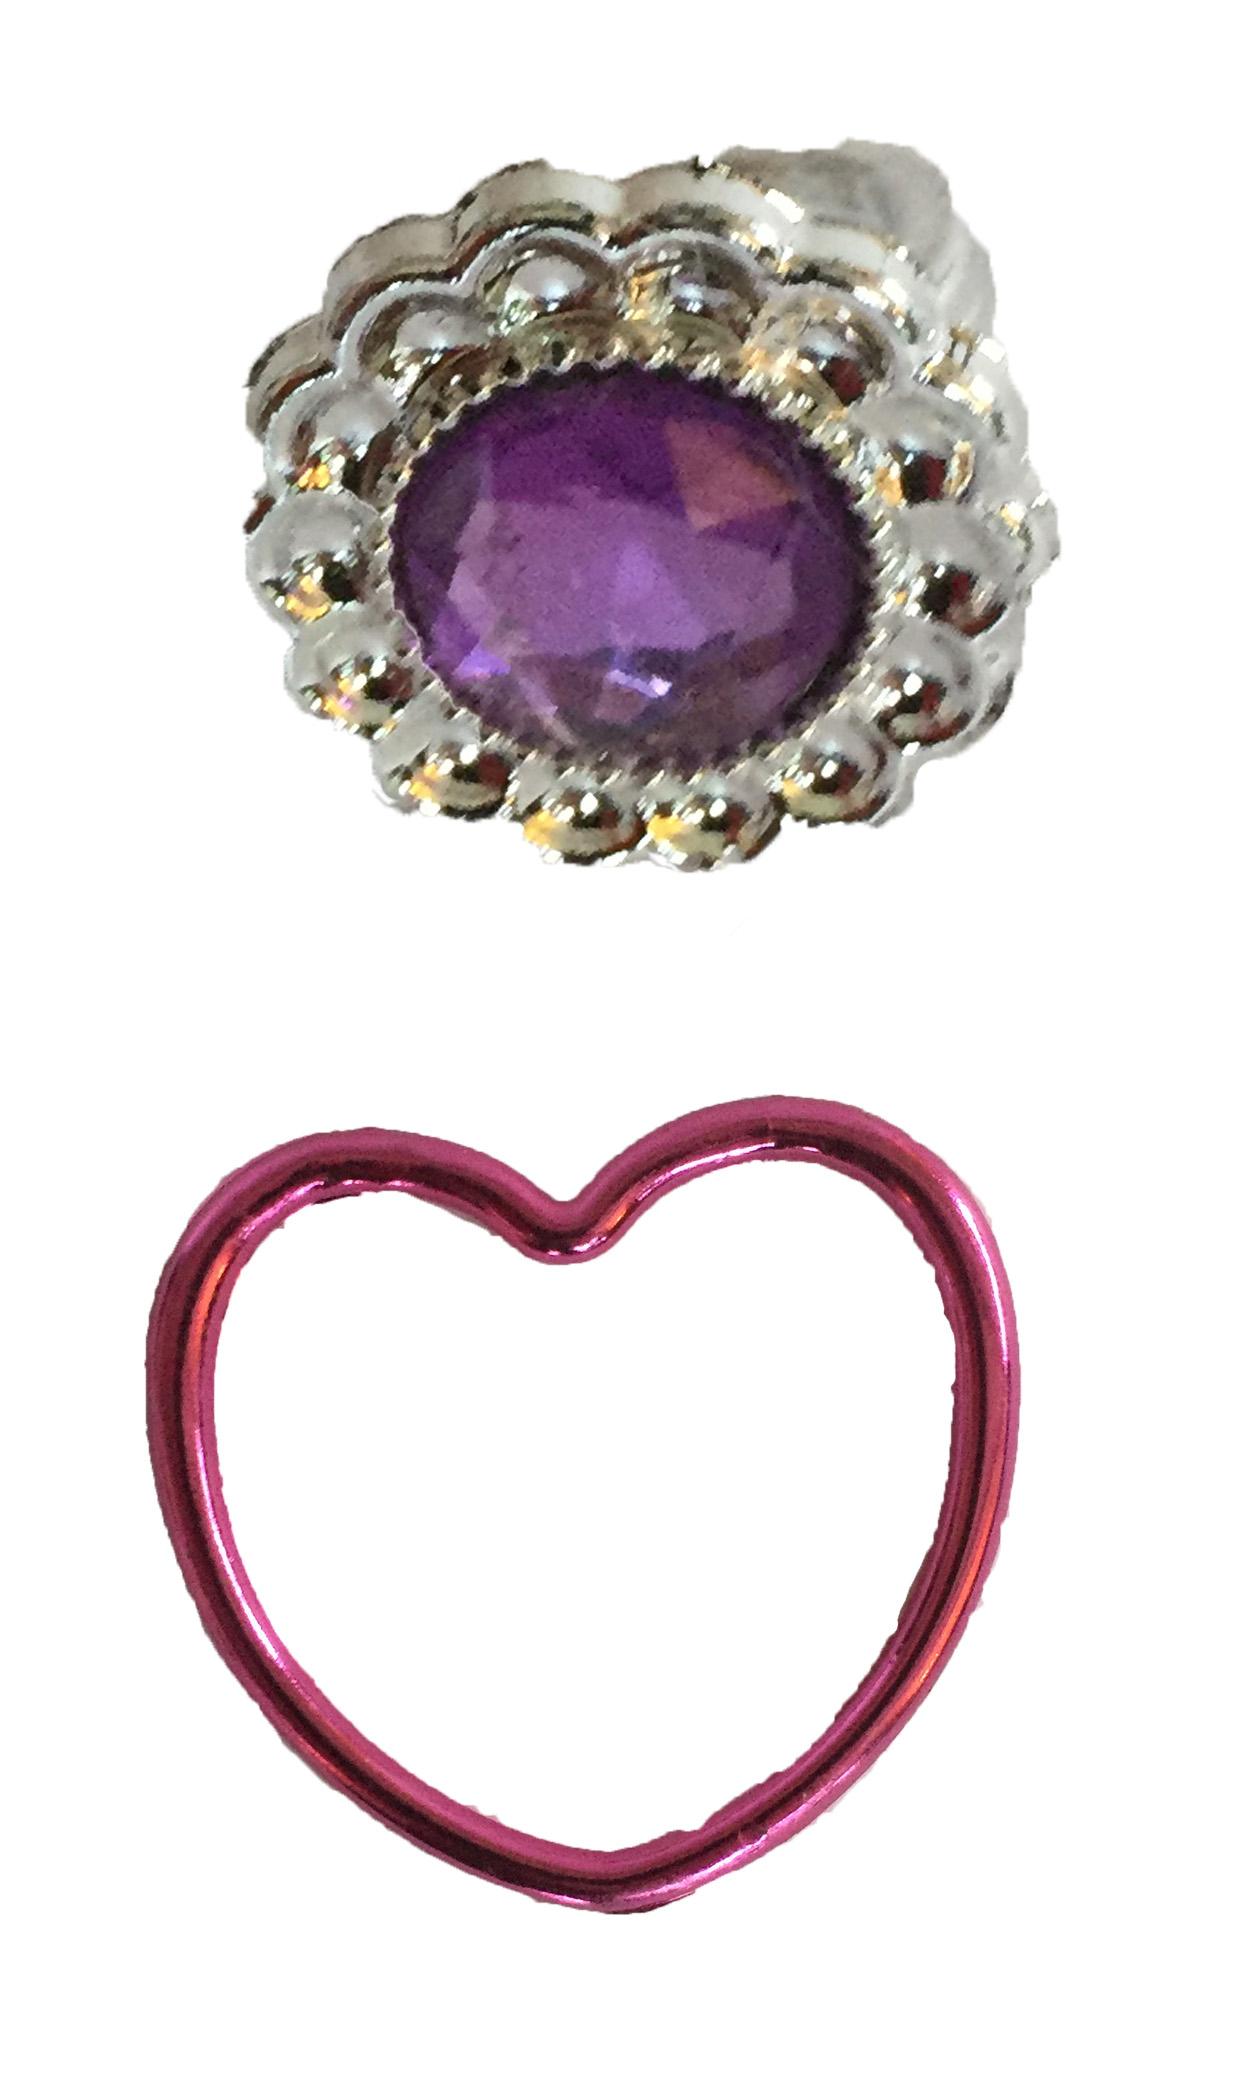 heart bracelet and ring.jpg